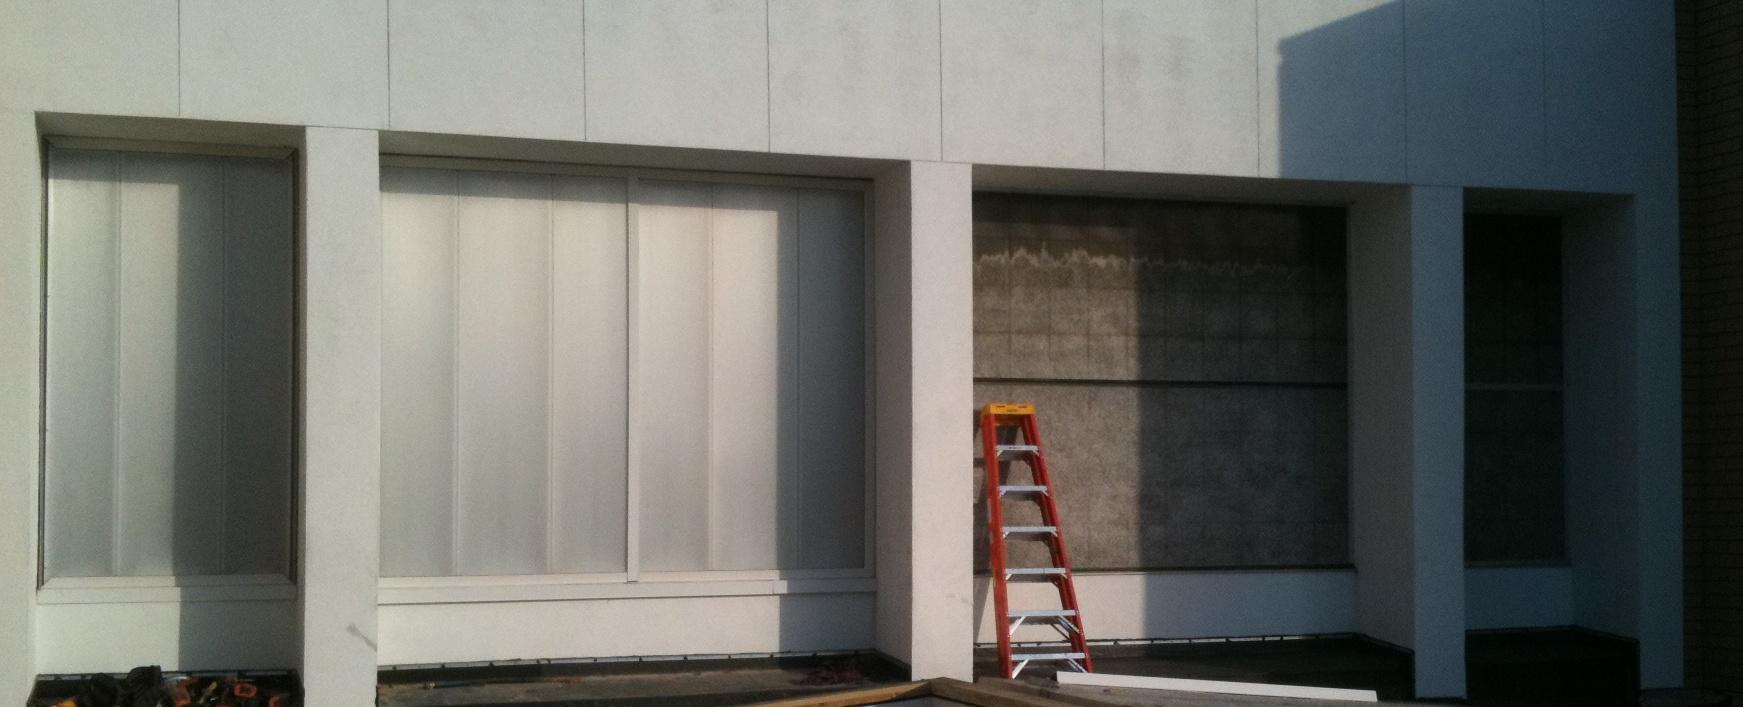 Exterior view of failed fiberglass wall lights